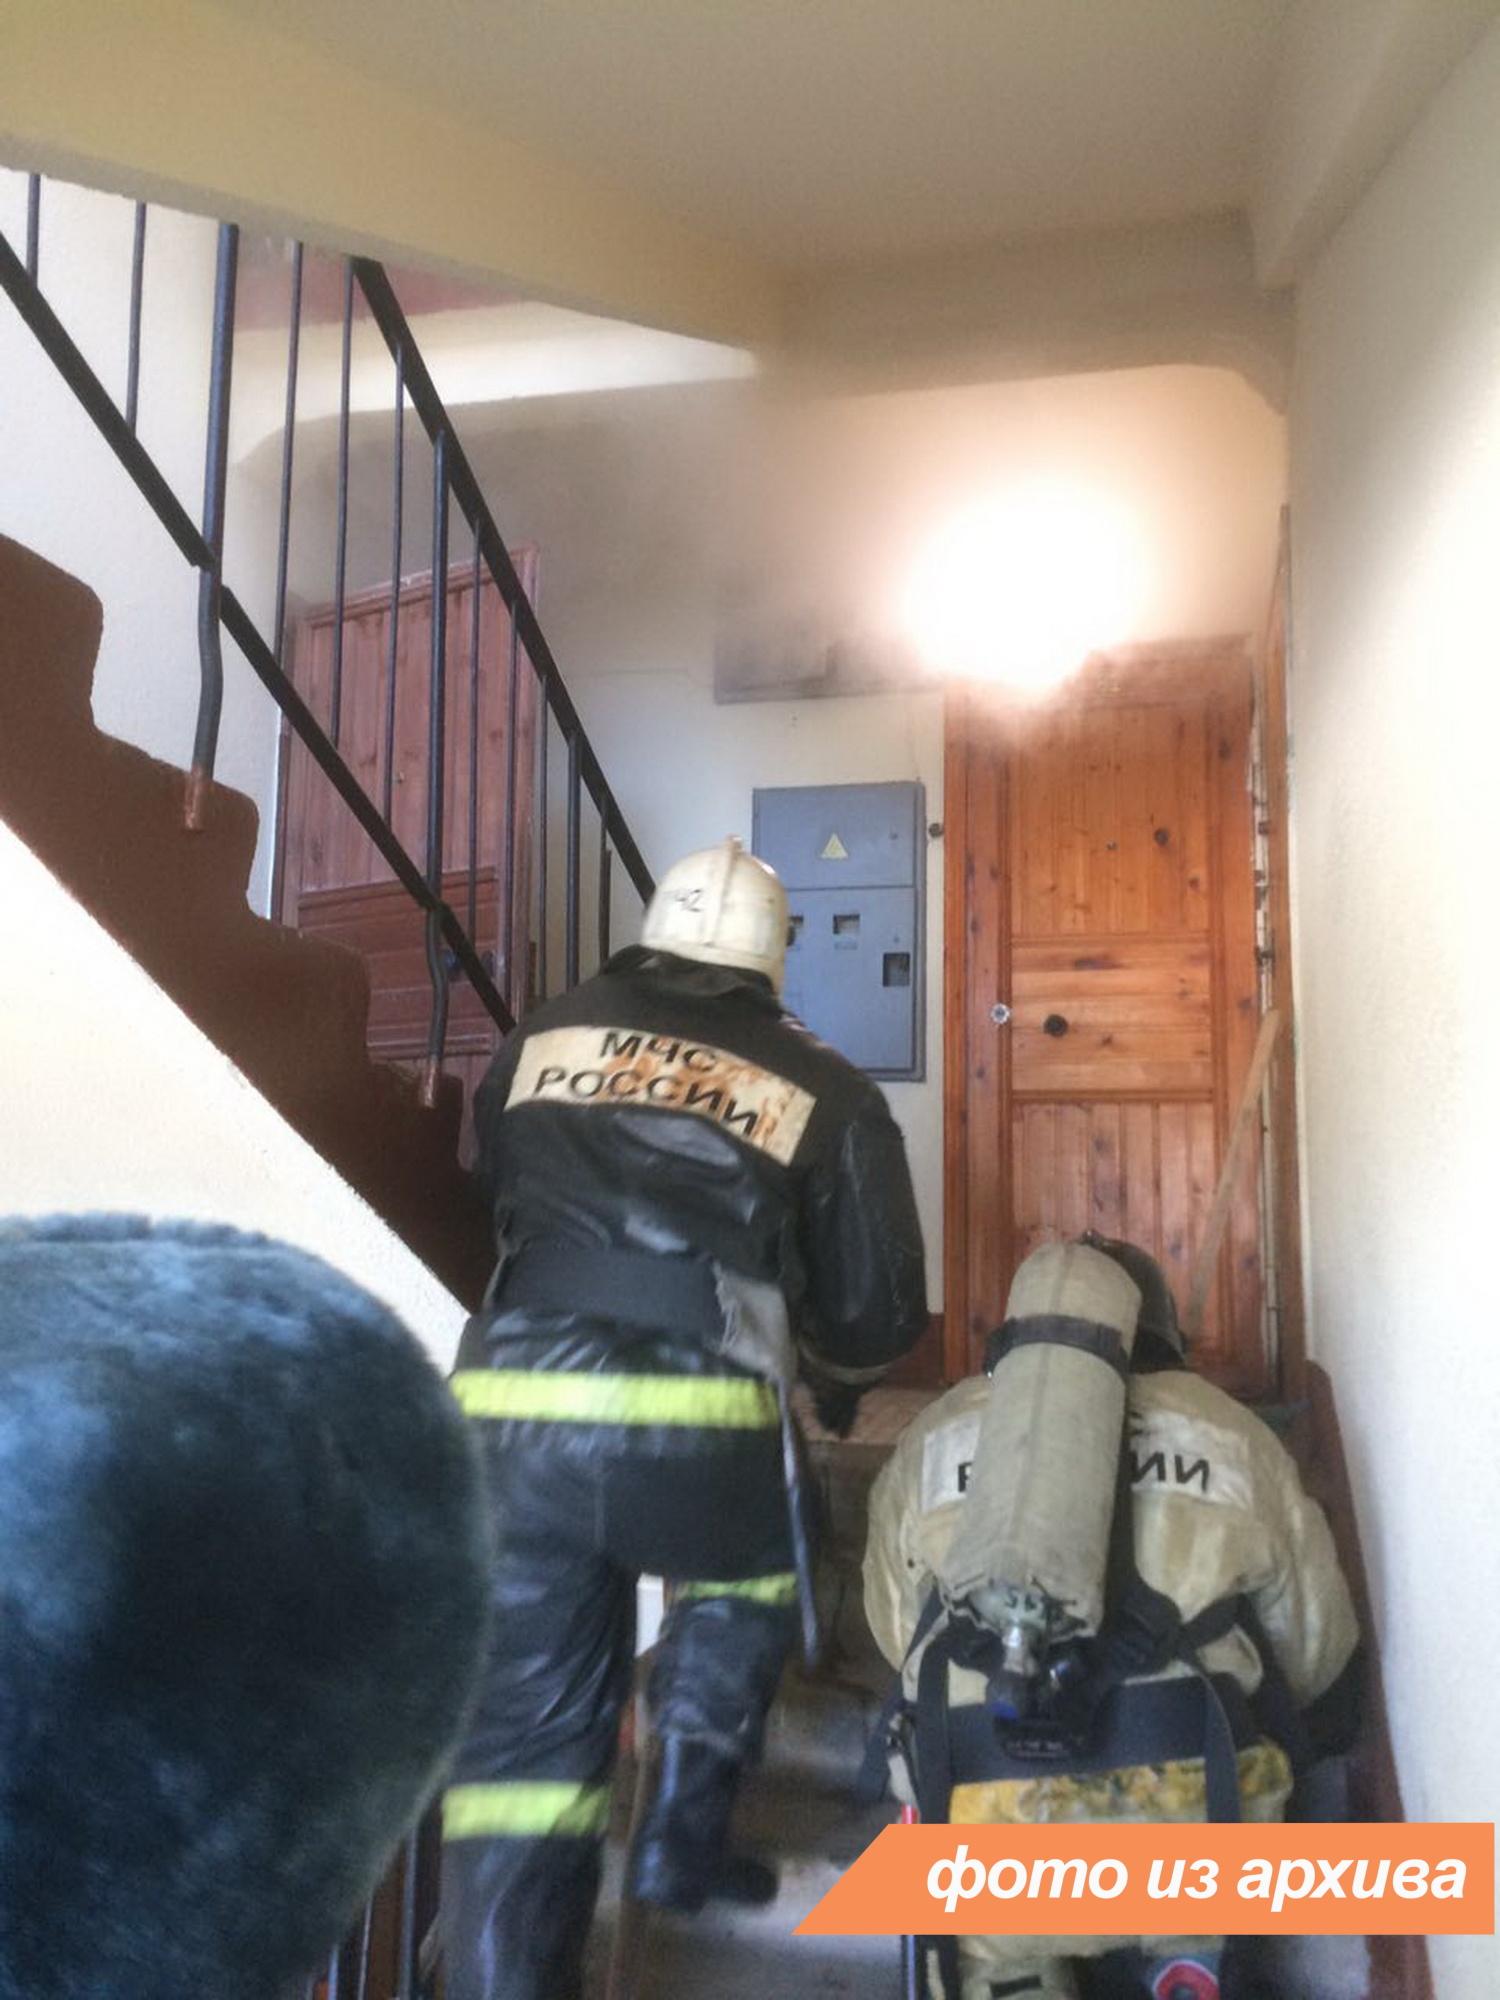 Пожарно-спасательные подразделения Ленинградской области ликвидировали пожар в Выборгском районе